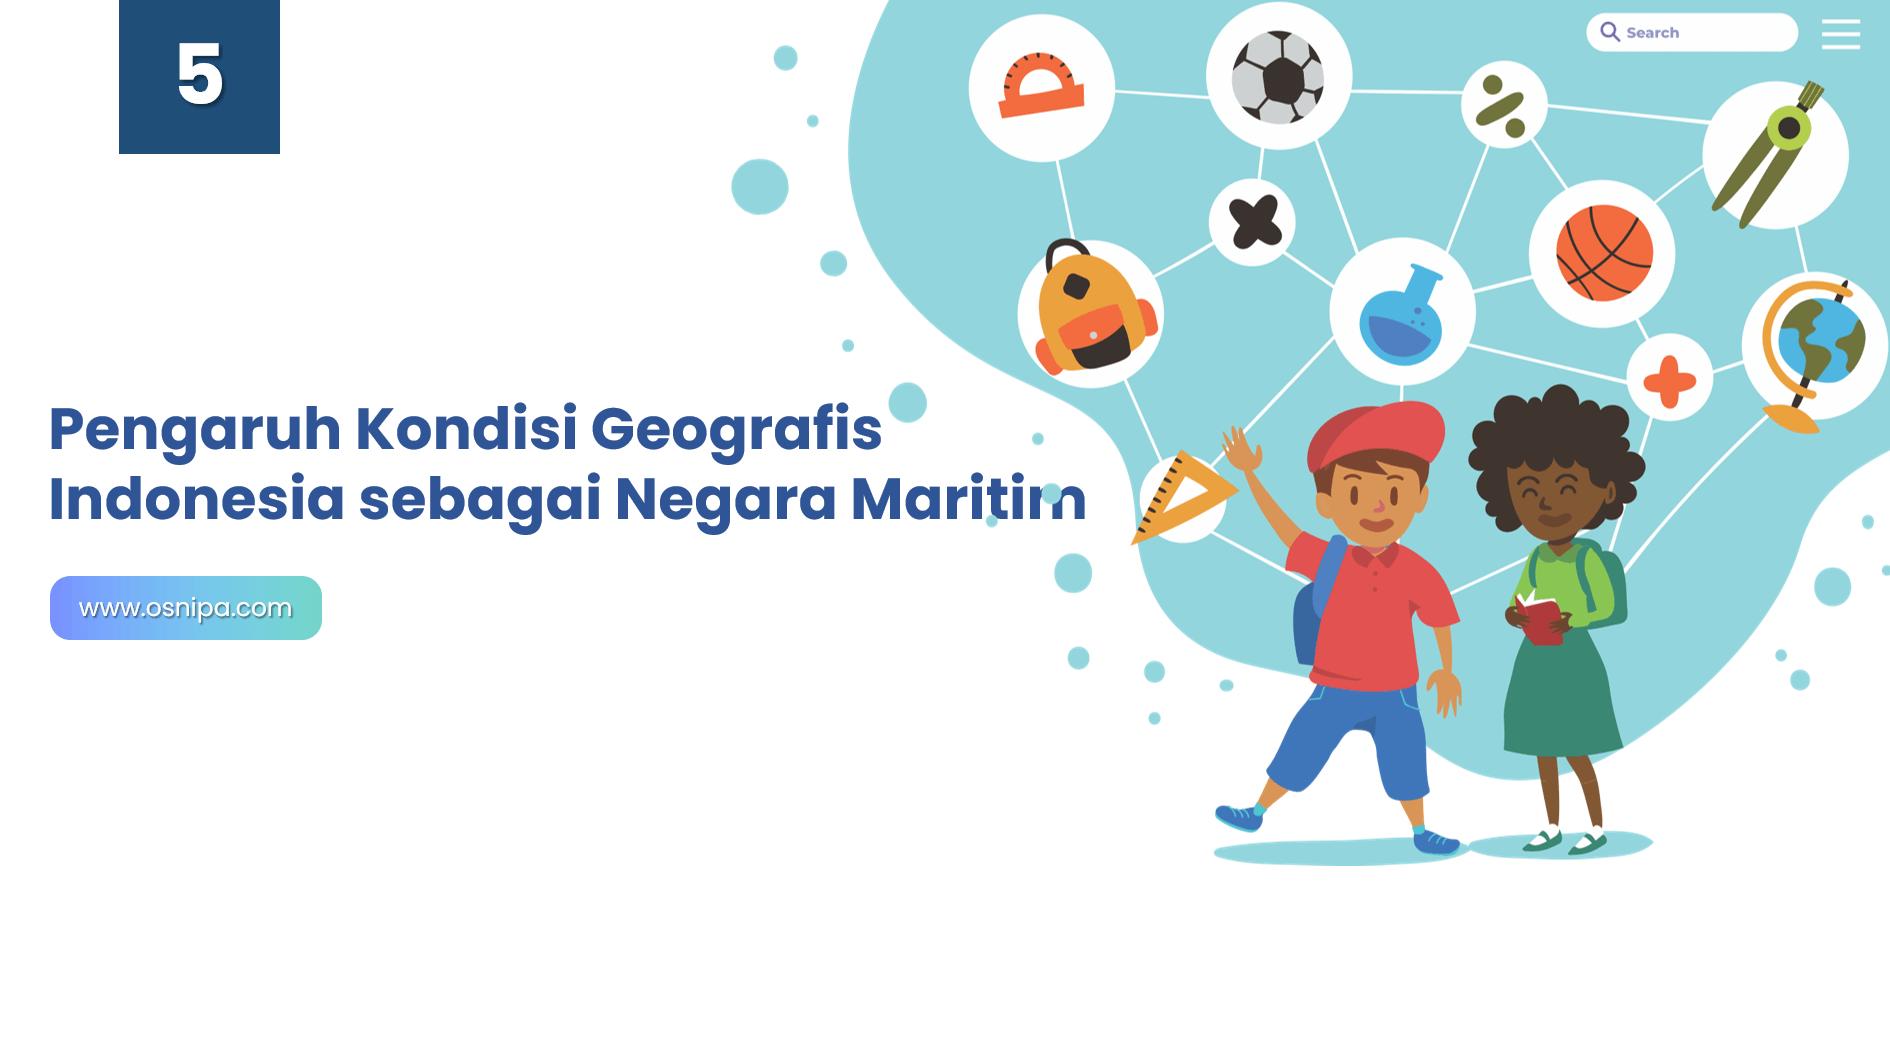 Pengaruh Kondisi Geografis Indonesia sebagai Negara Maritim